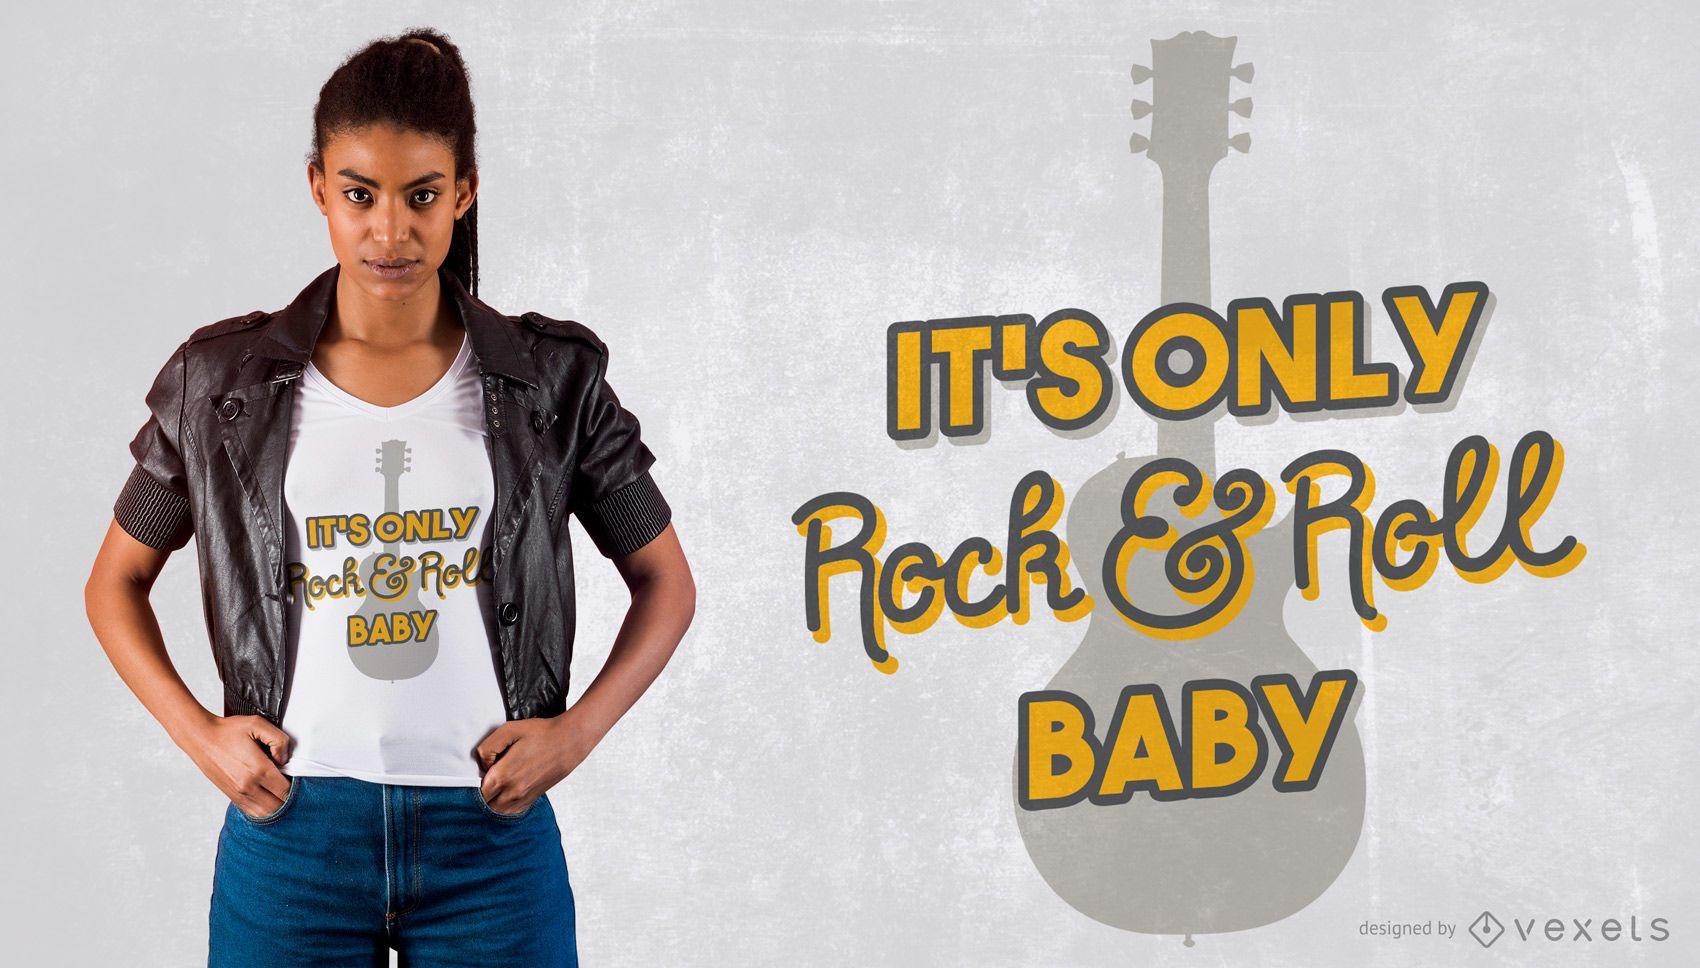 Only rock t-shirt design